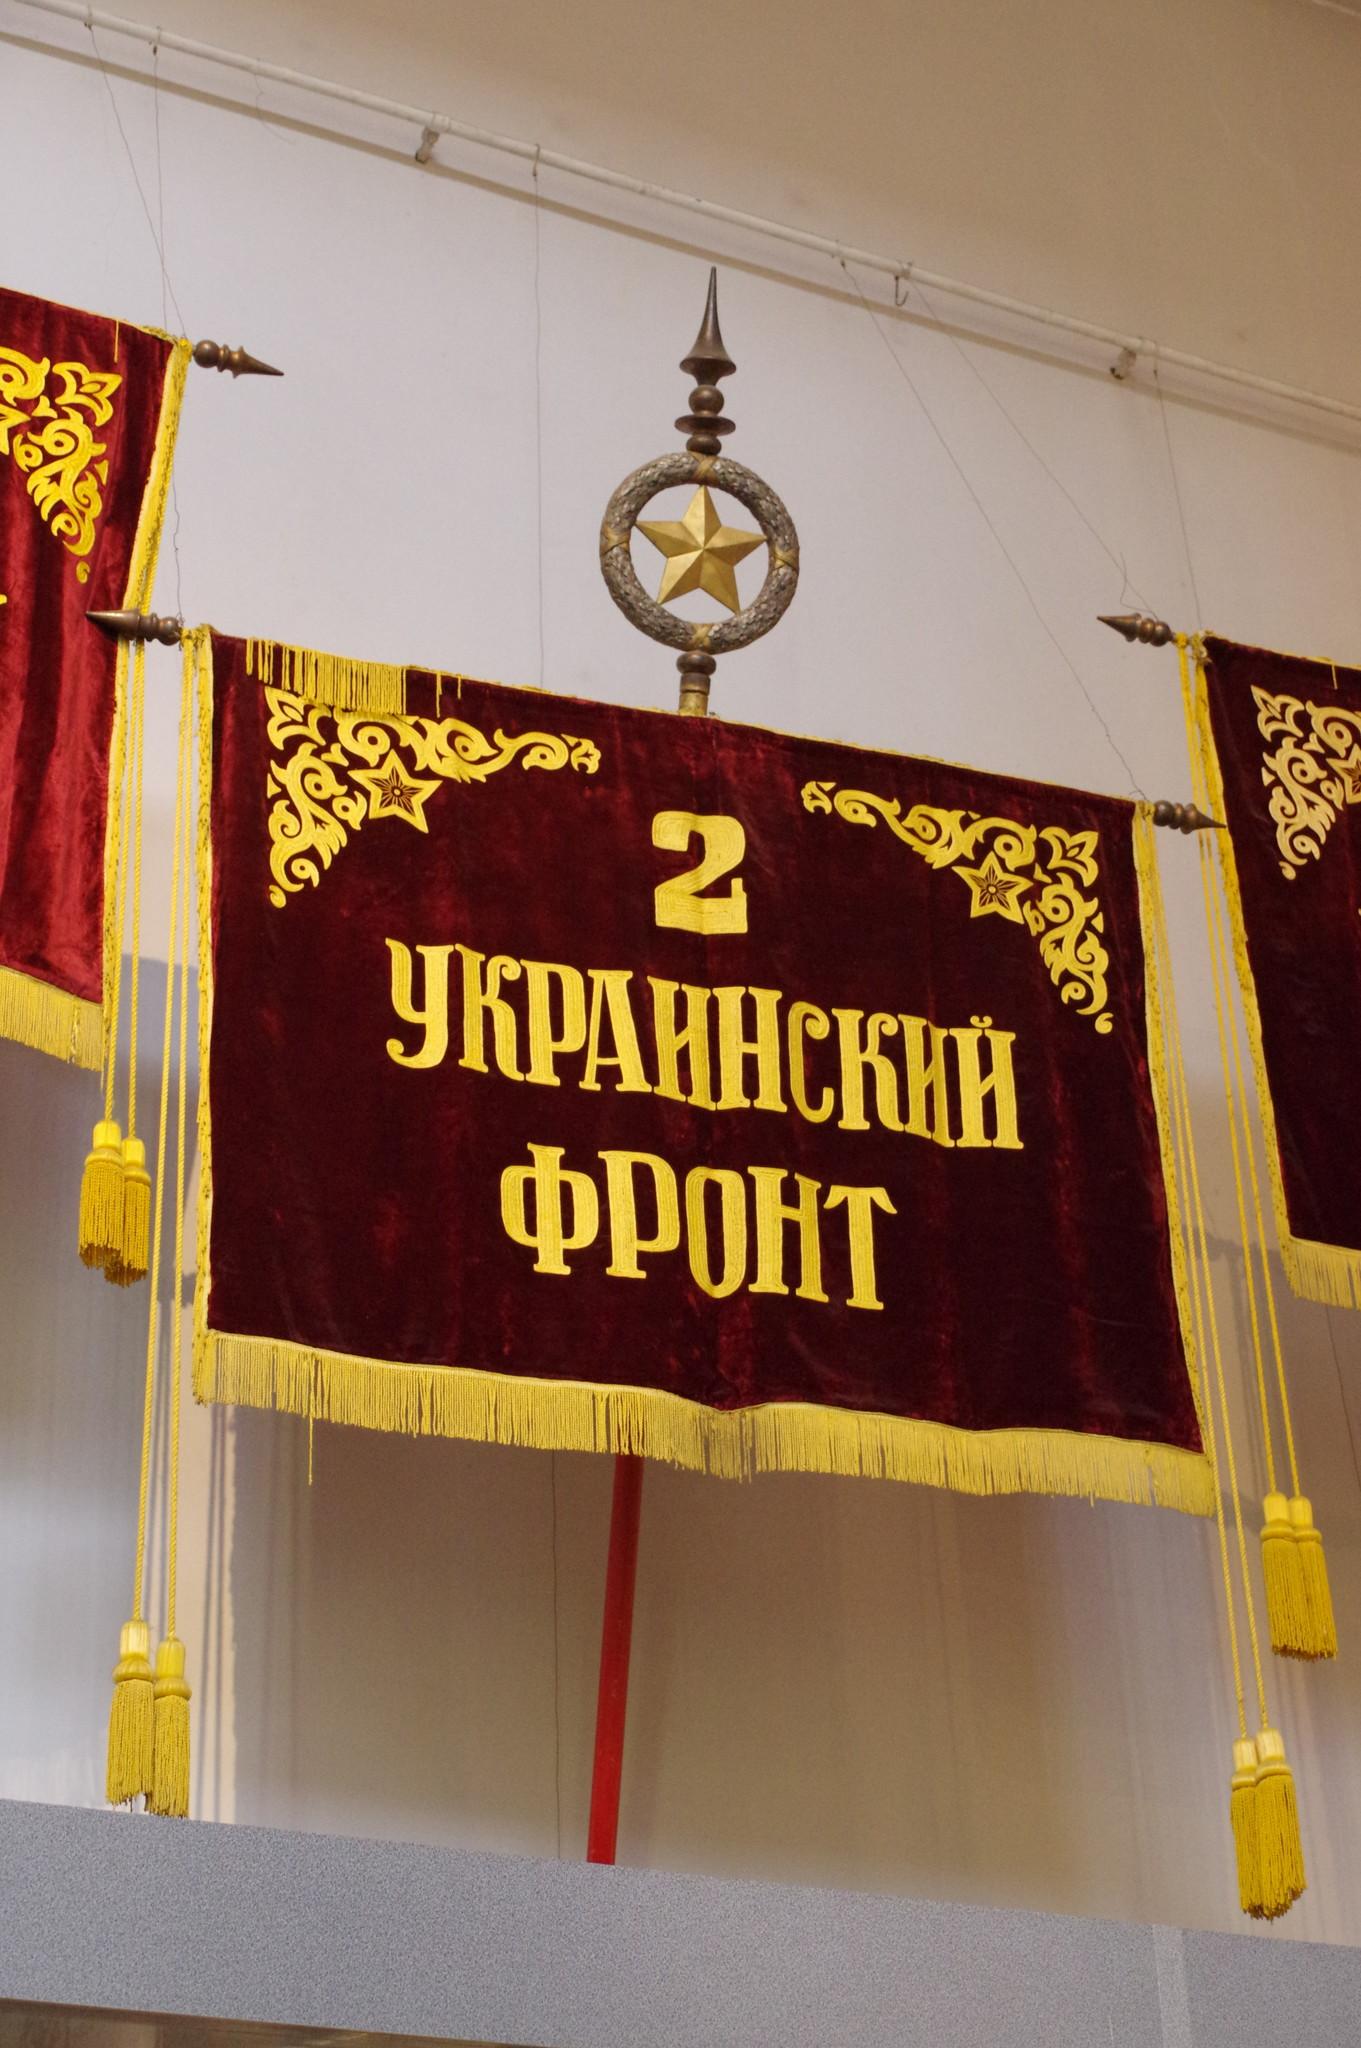 Штандарт 2-го Украинского фронта (Центральный музей Вооружённых сил Российской Федерации)